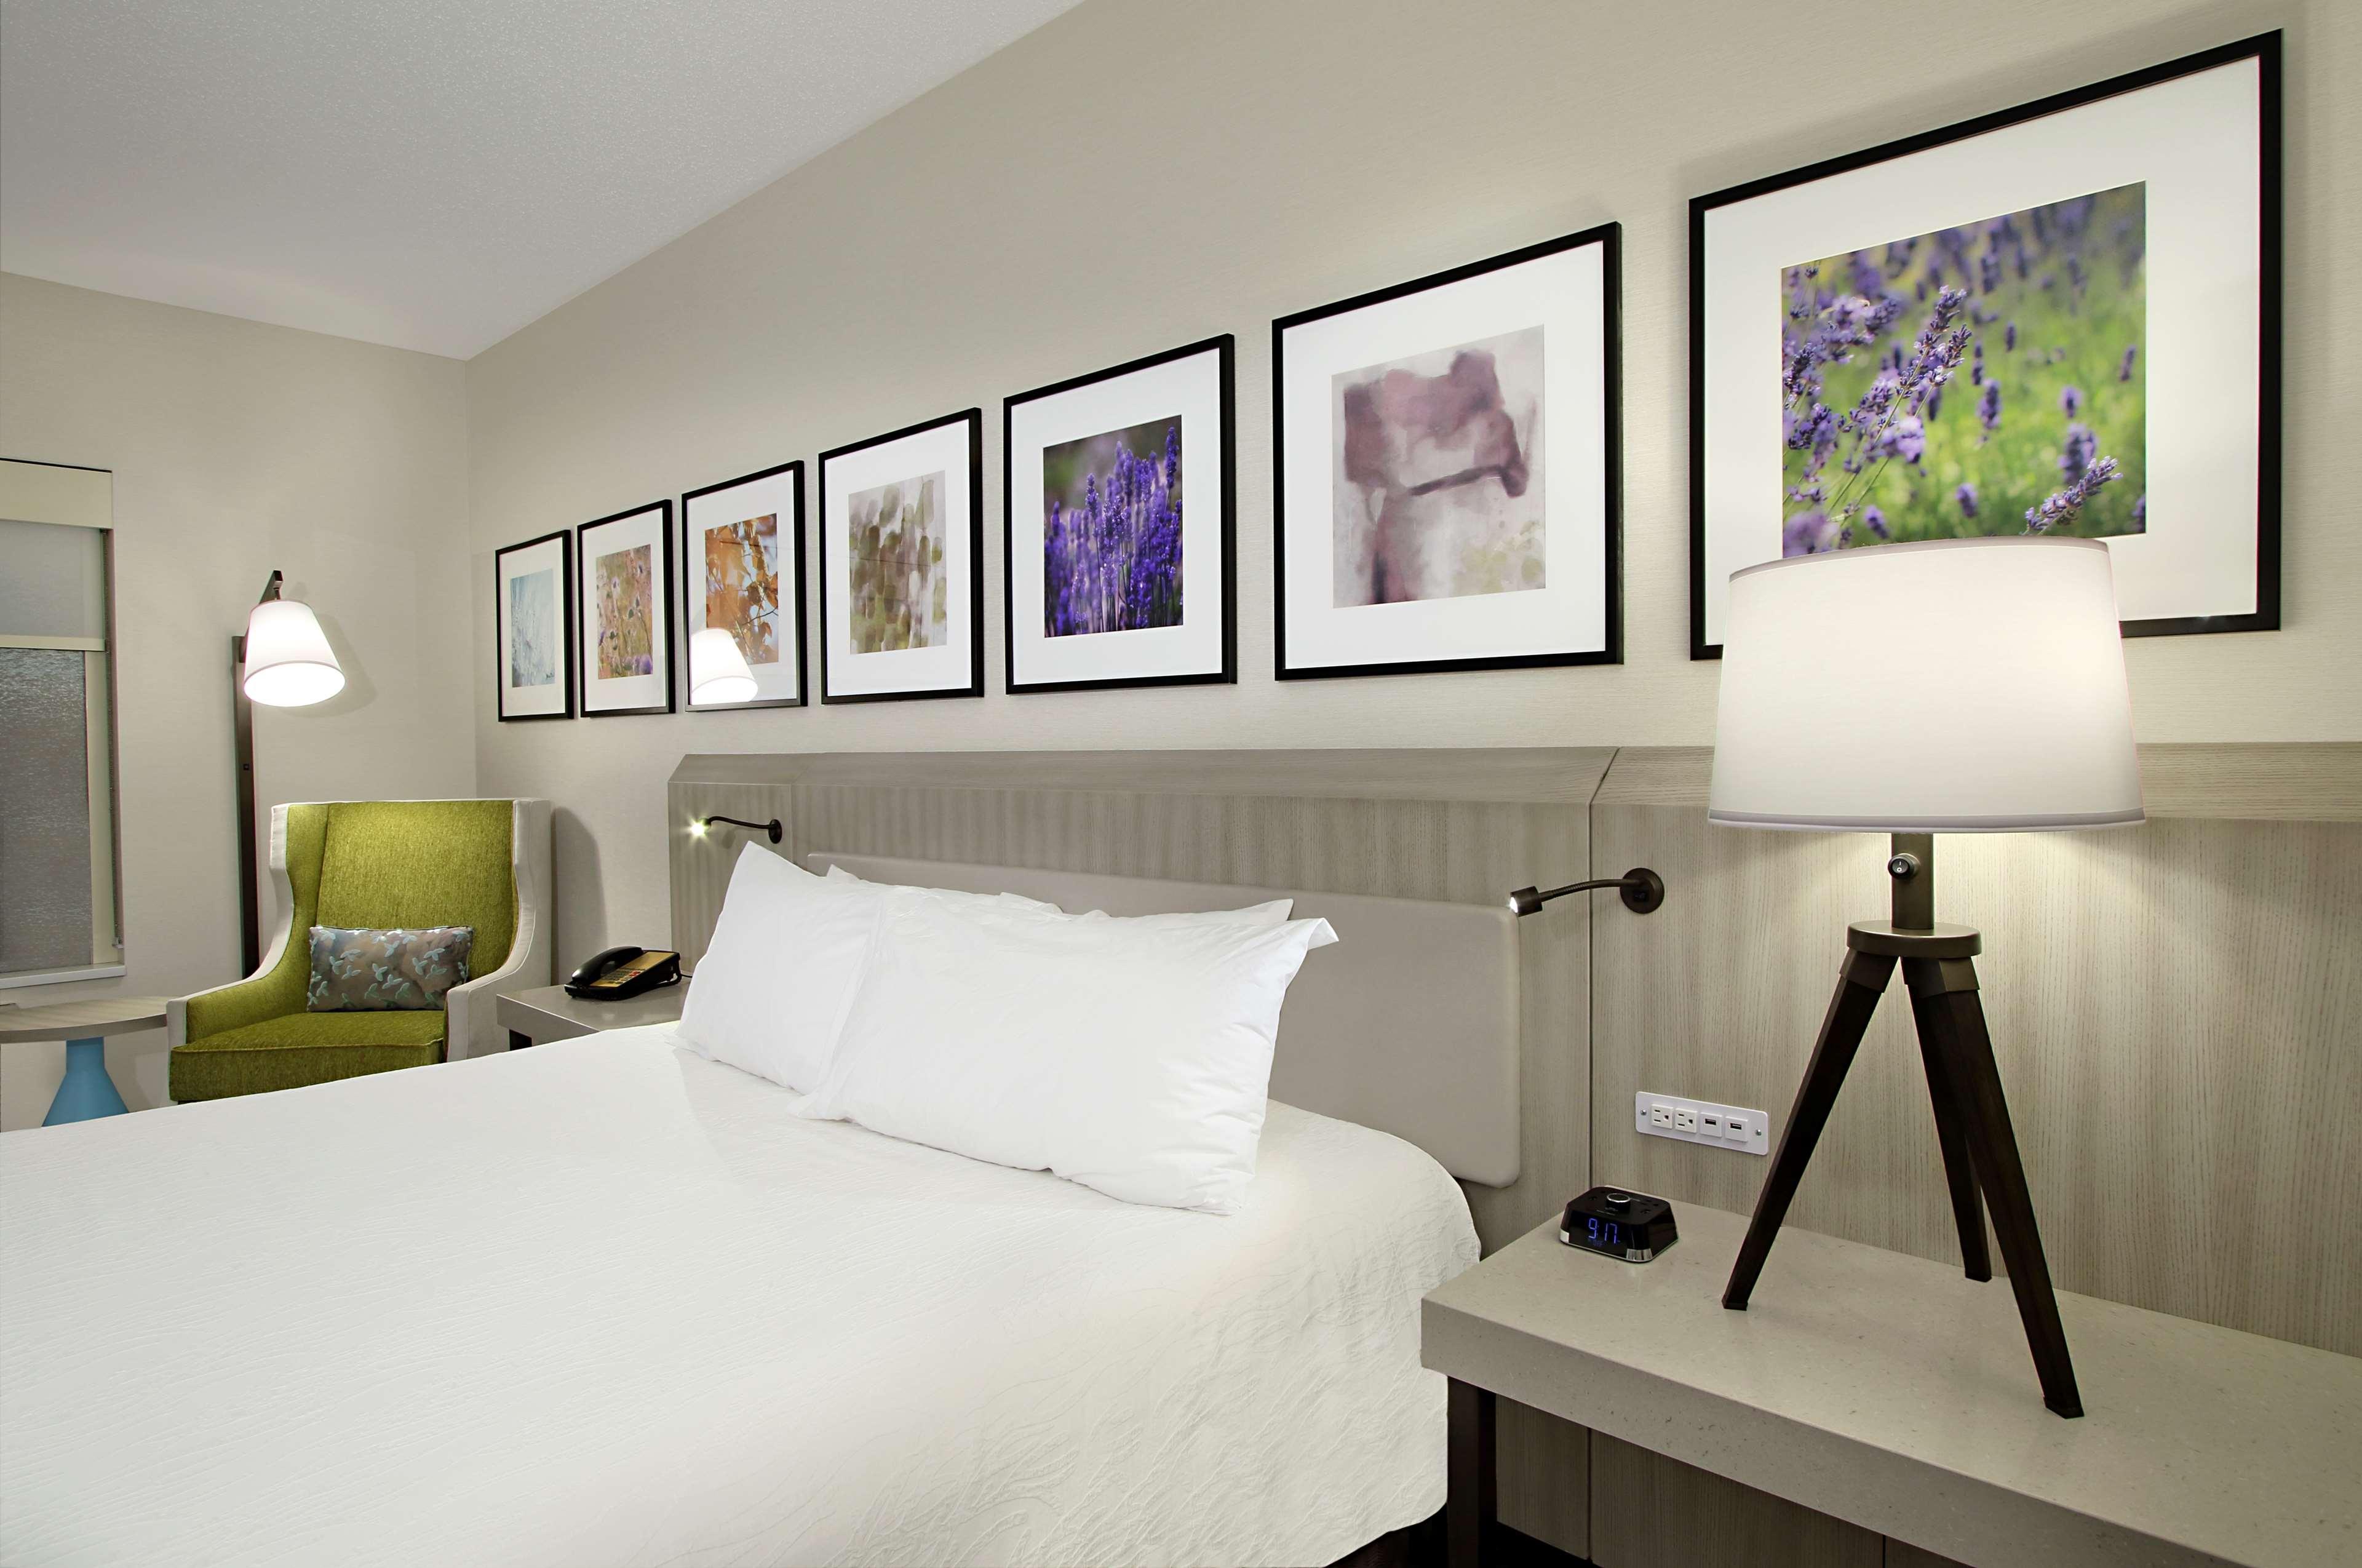 Hilton Garden Inn Columbus-University Area image 34